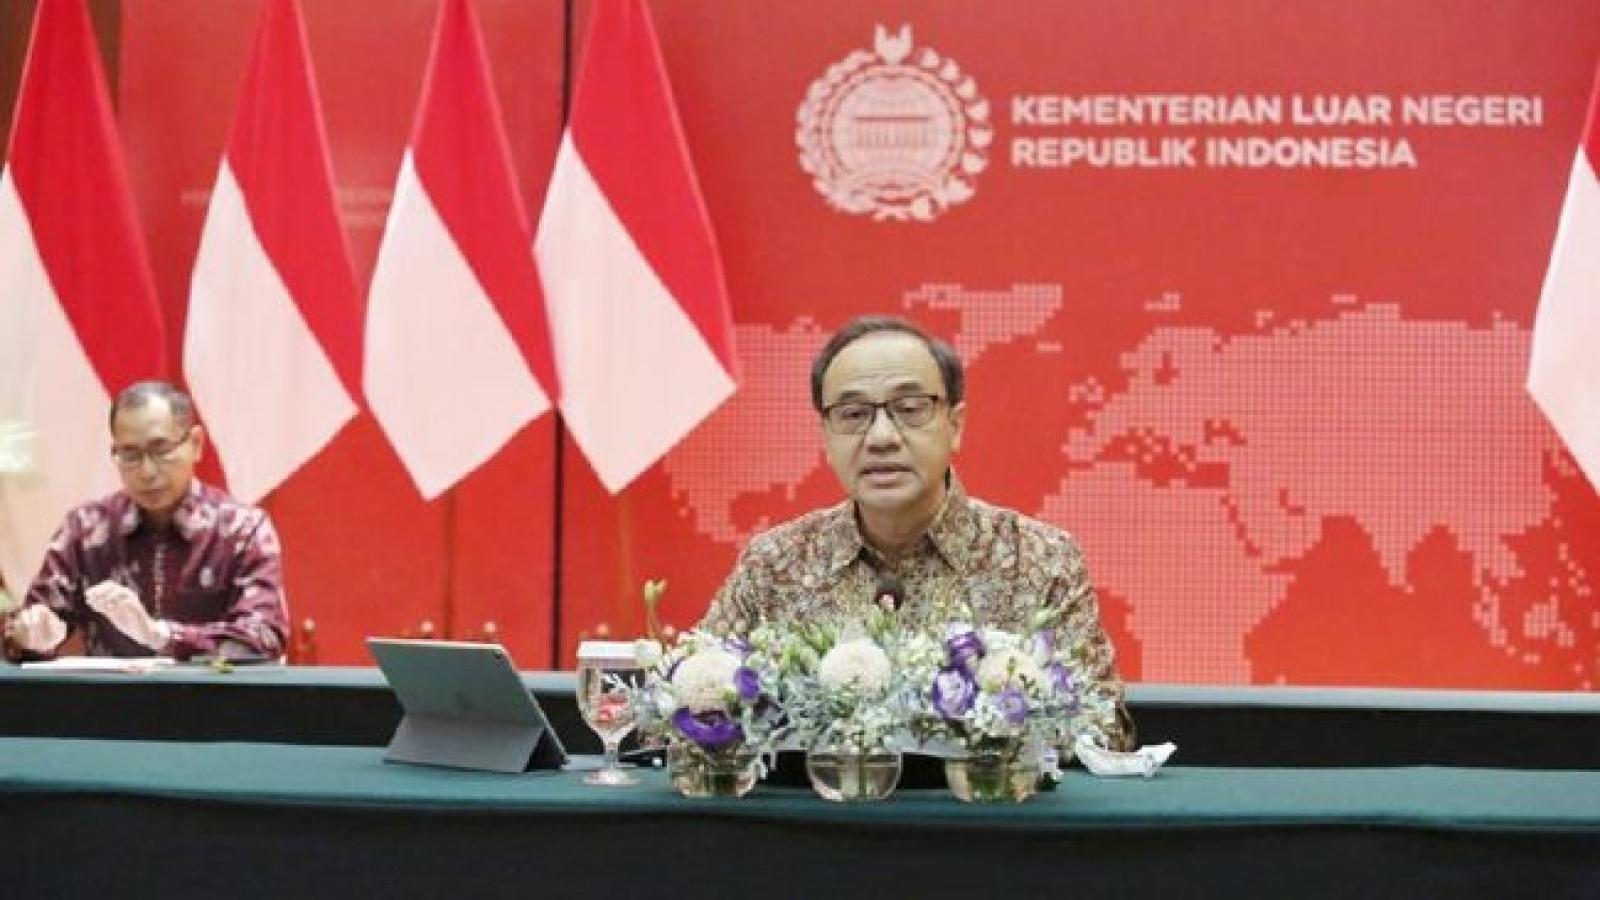 Indonesia chỉ trích phát ngôn của Tổng thống Pháp về thế giới Hồi giáo